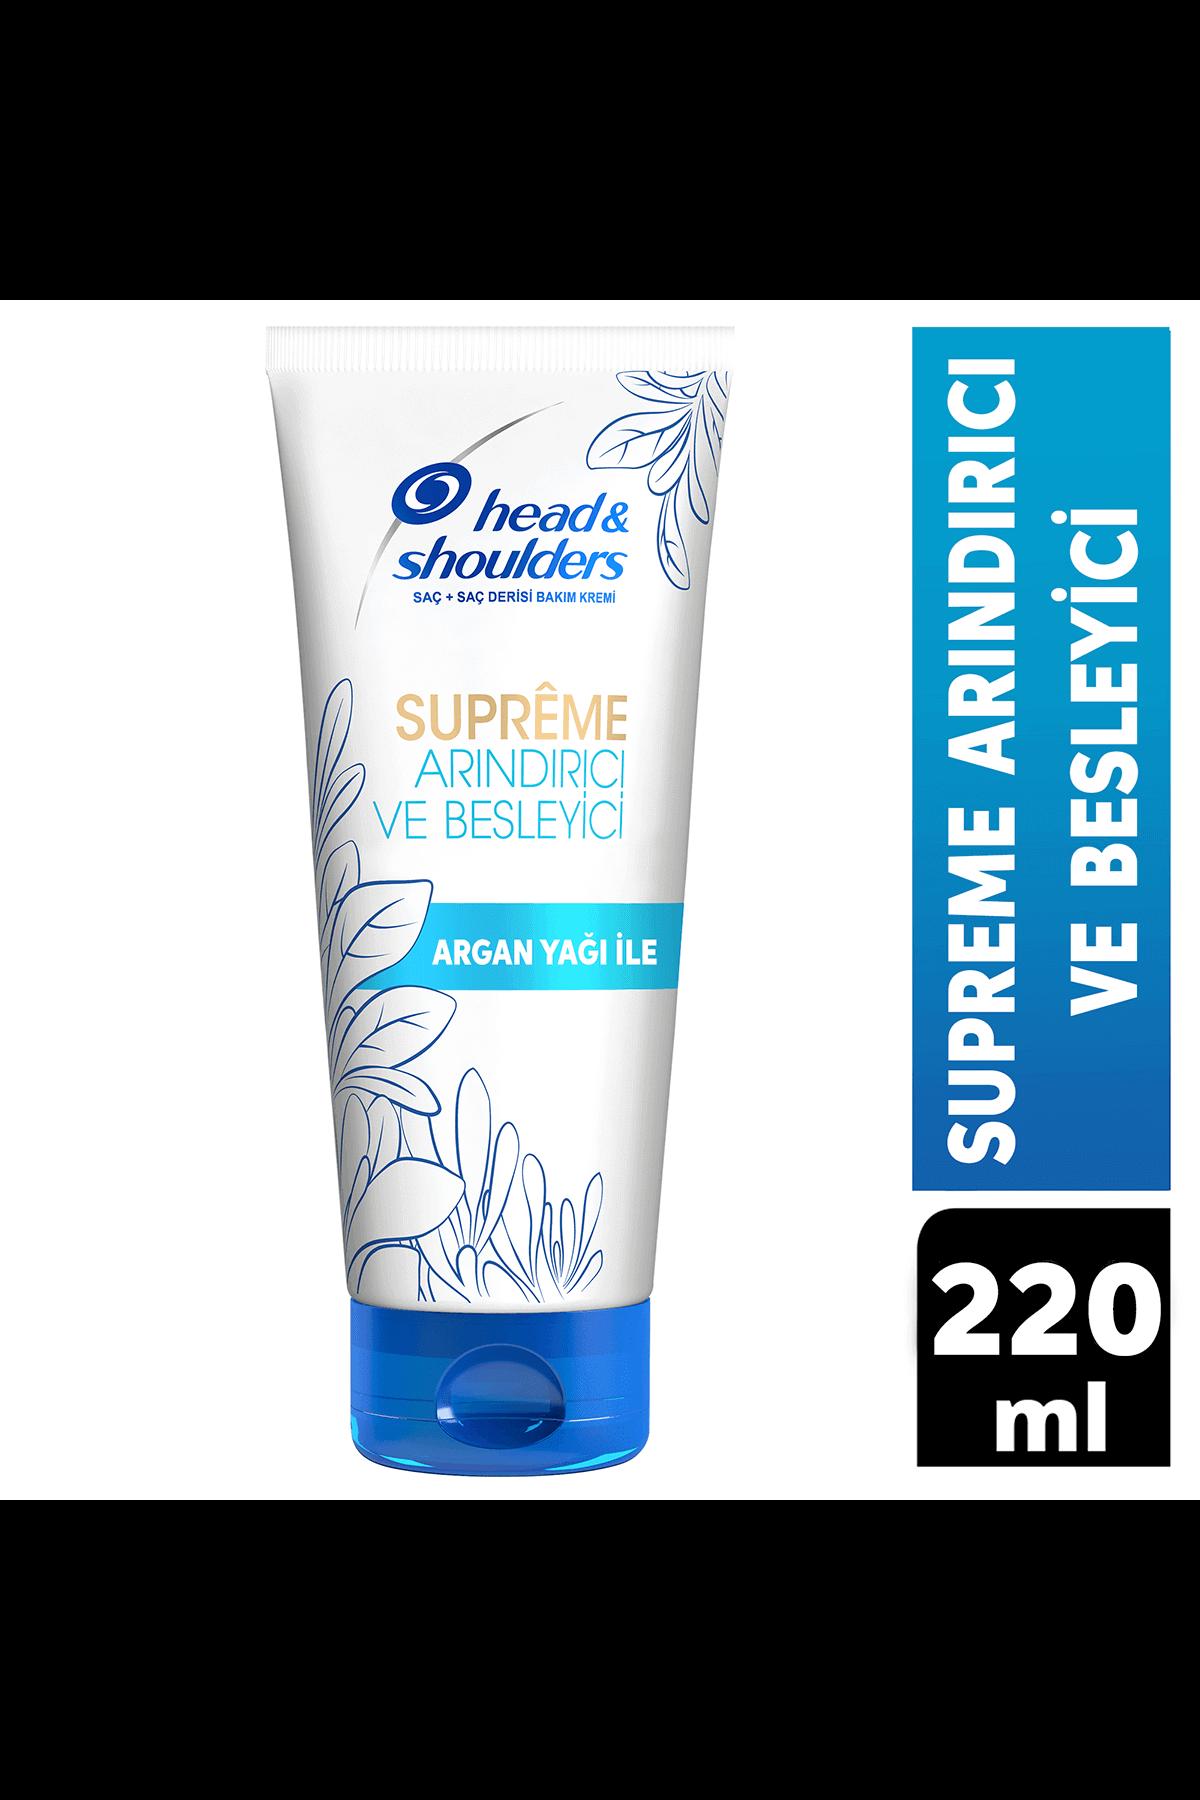 Head & Shoulders Supreme Arındırıcı ve Besleyici Kepeğe Karşı Etkili Saç Bakım Kremi 220 ml